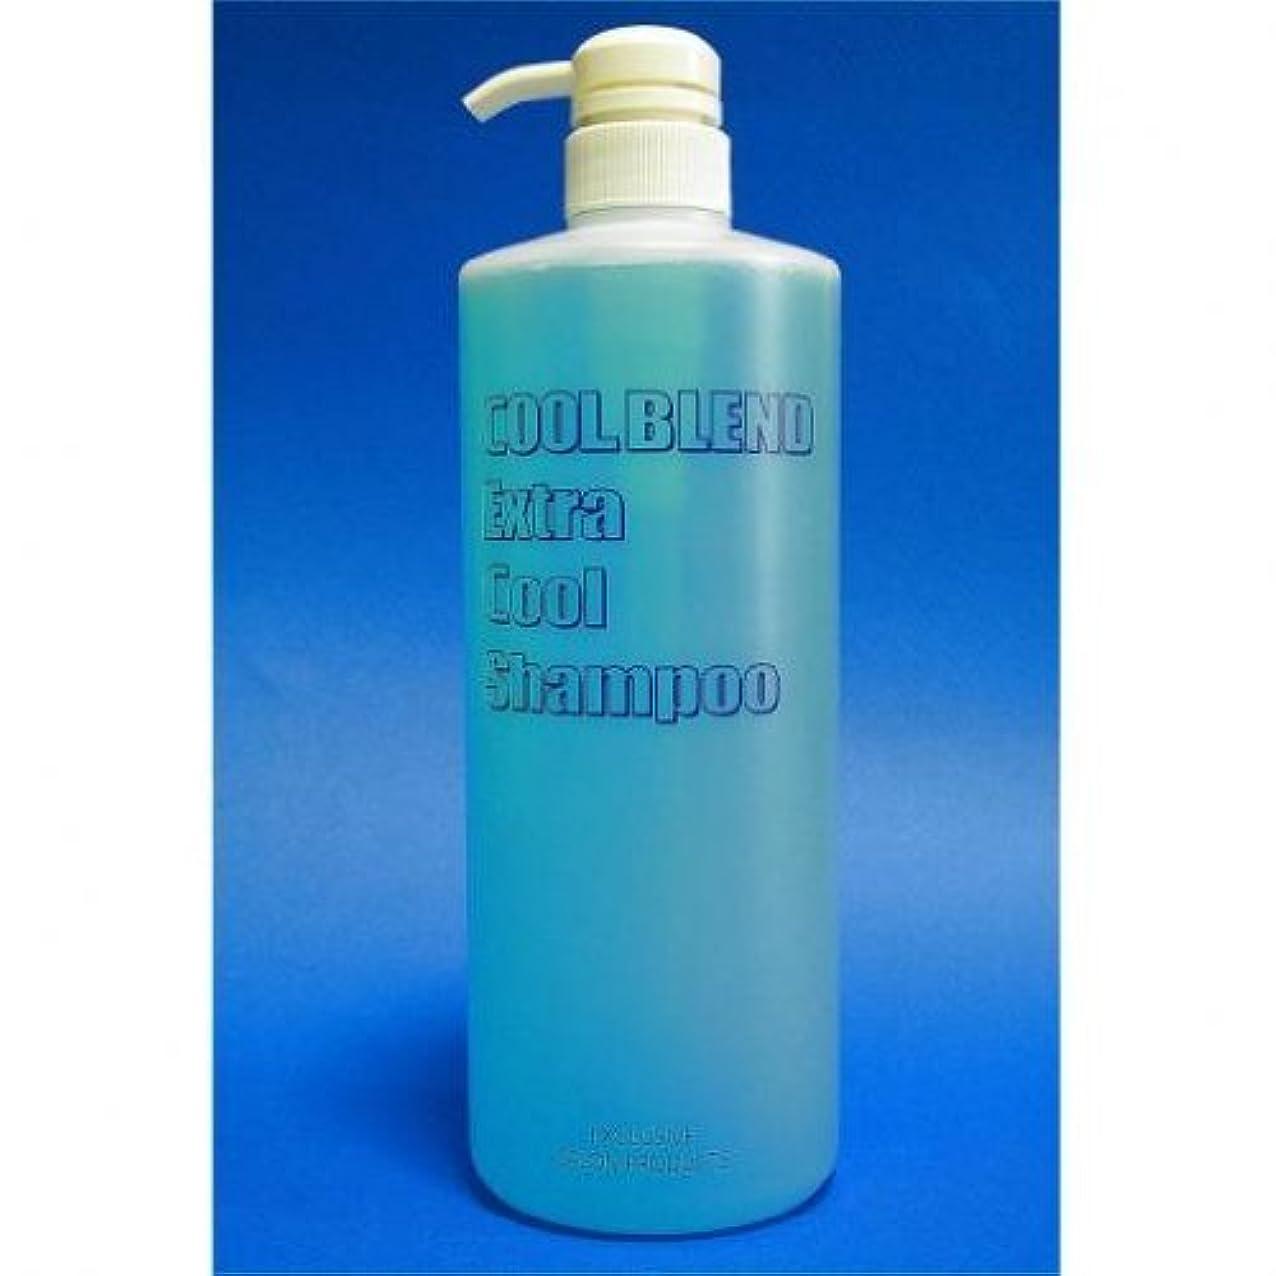 教師の日用心する美容師クールブレンド エキストラクール シャンプー 1000MLボトルポンプ式